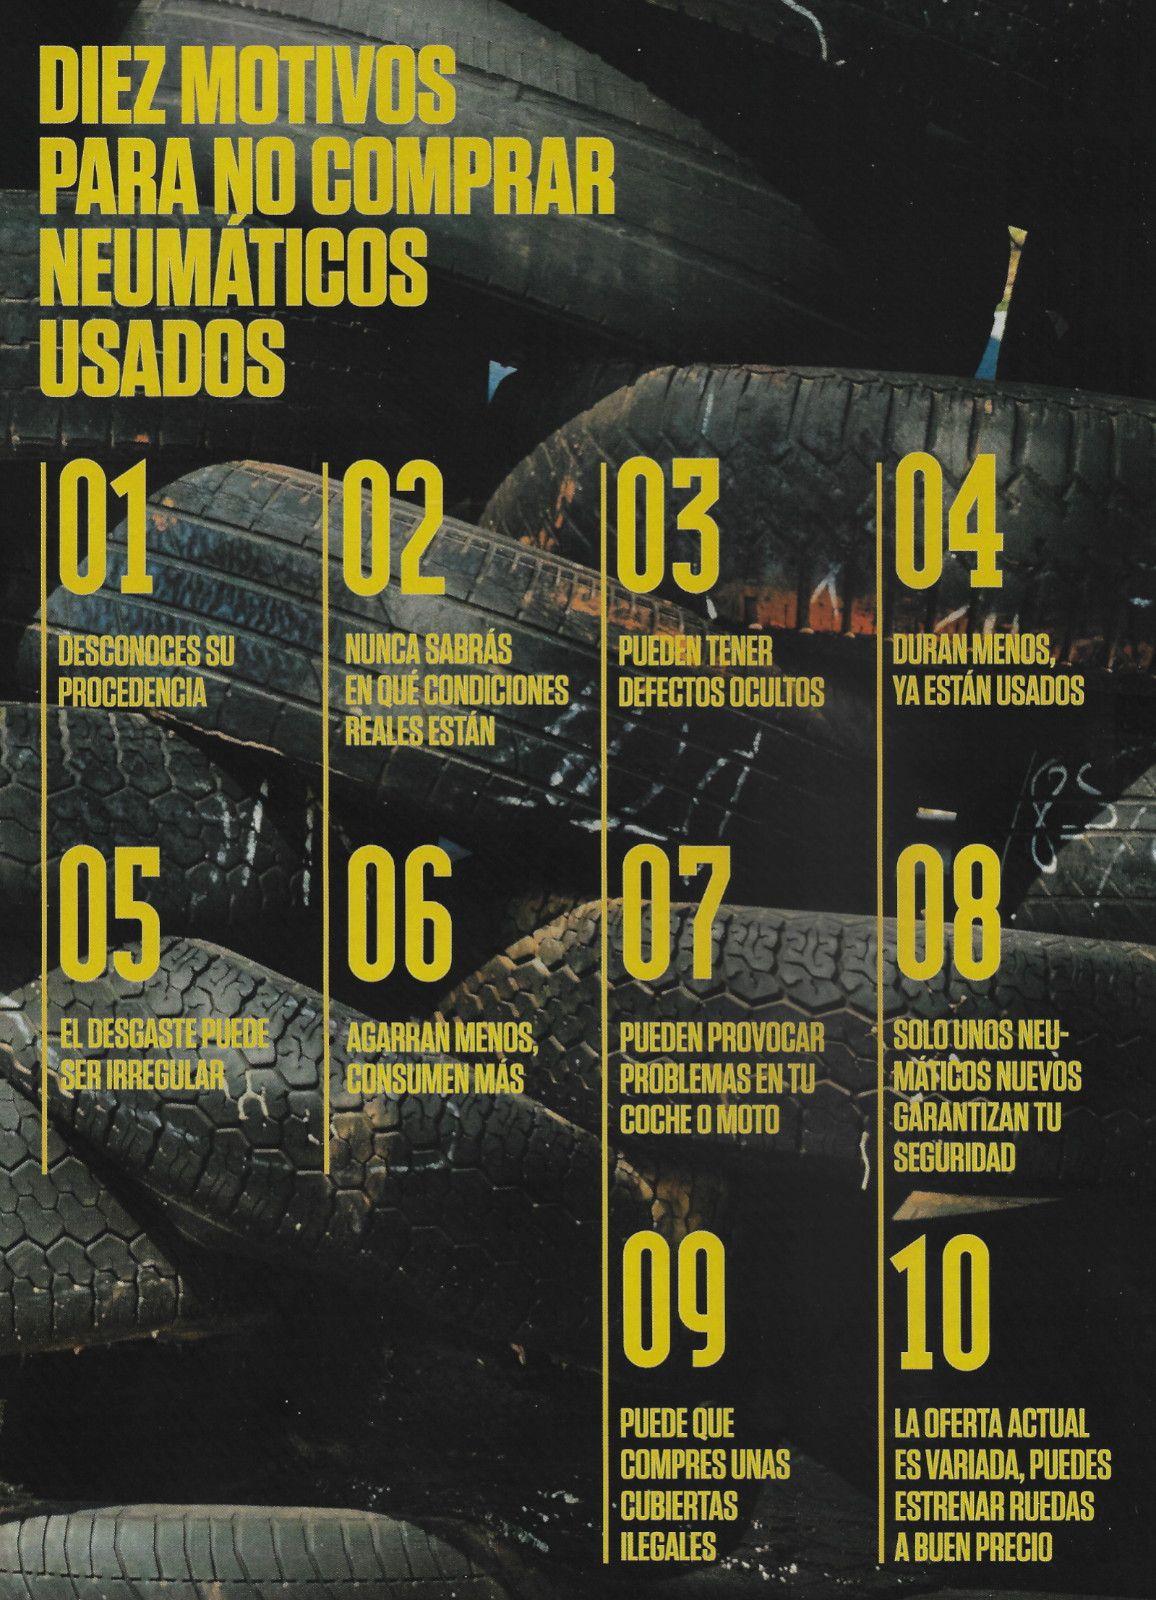 10 MOTIVOS PARA NO COMPRAR NEUMÁTICOS USADOS